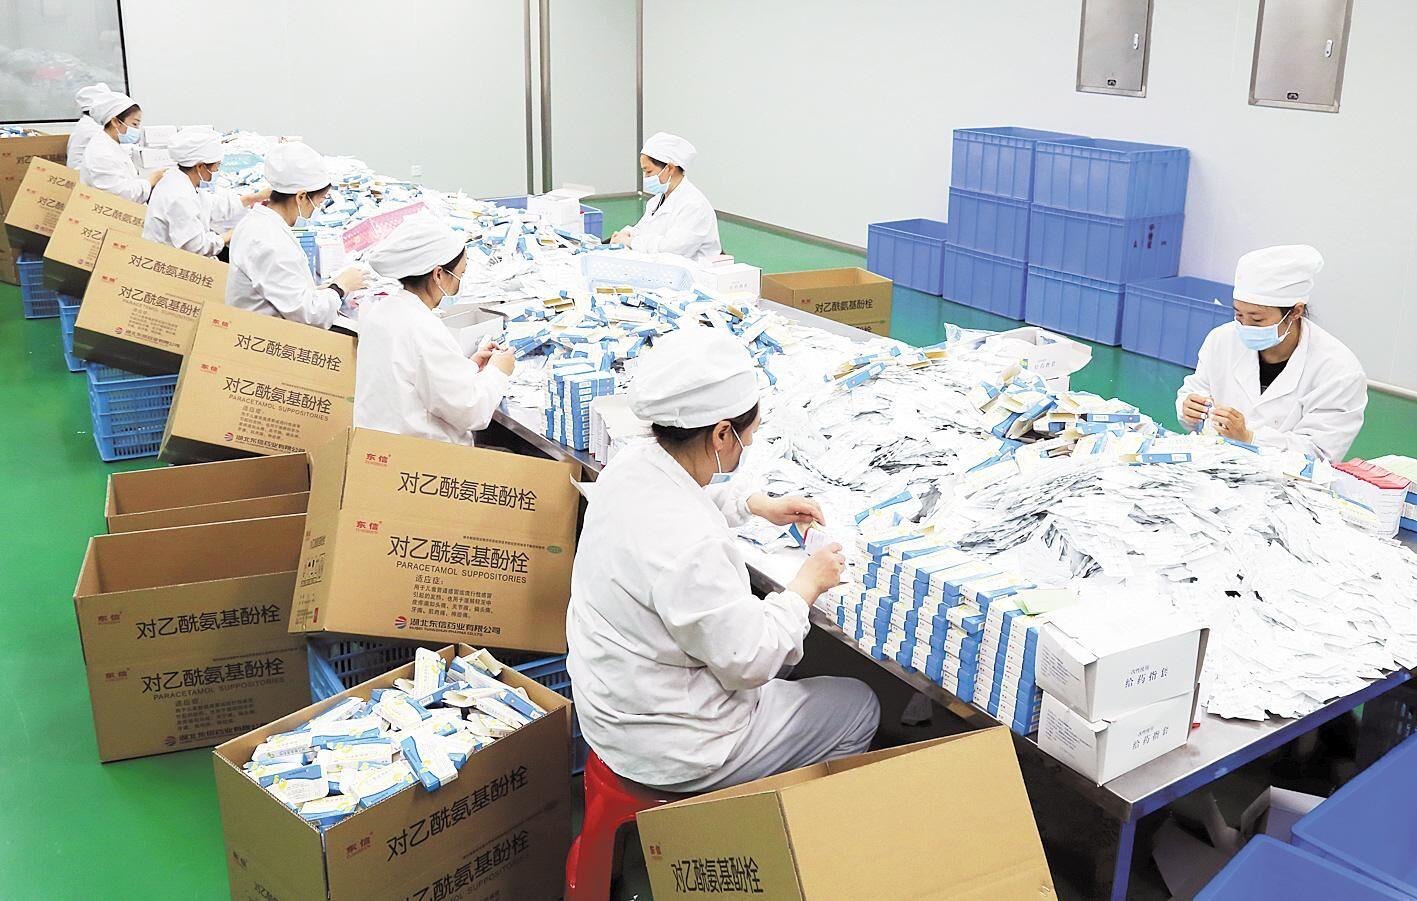 工人从哪里来、产品如何运输……荆州力推复工复产